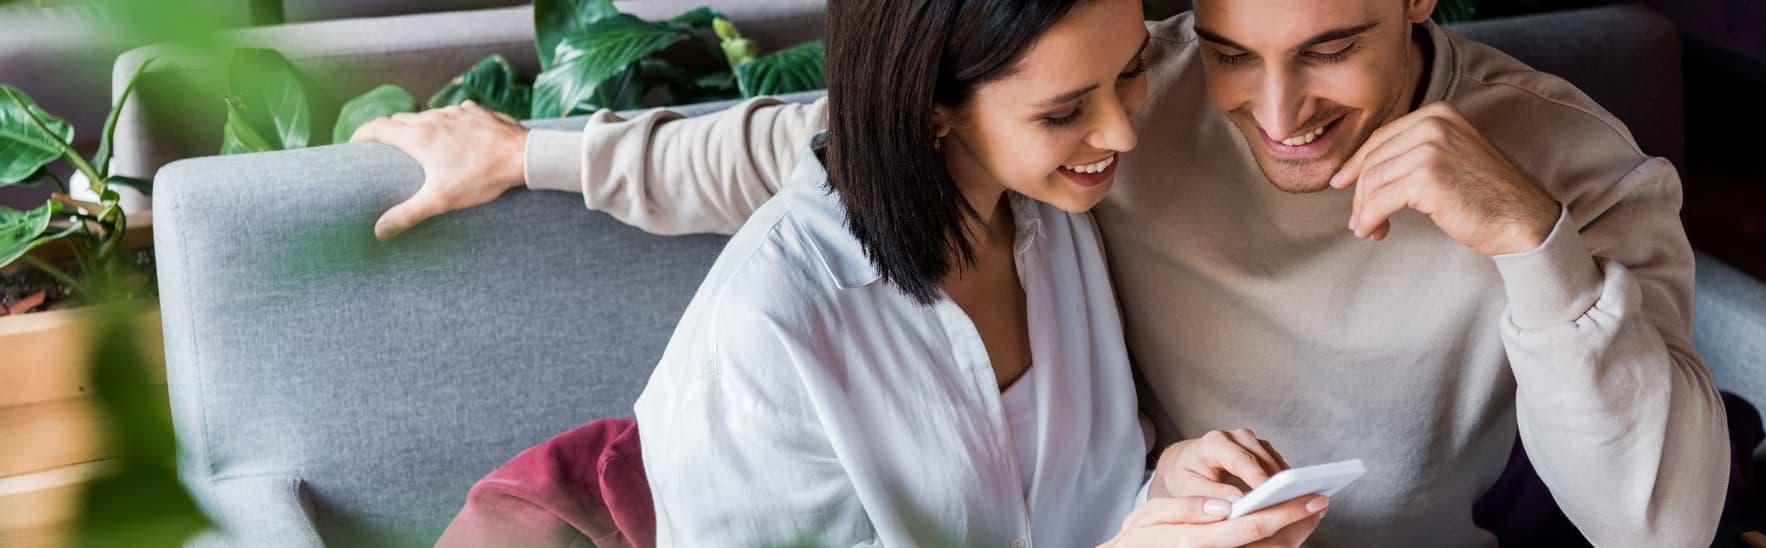 Kvinna och man läser på om räntefria smslån